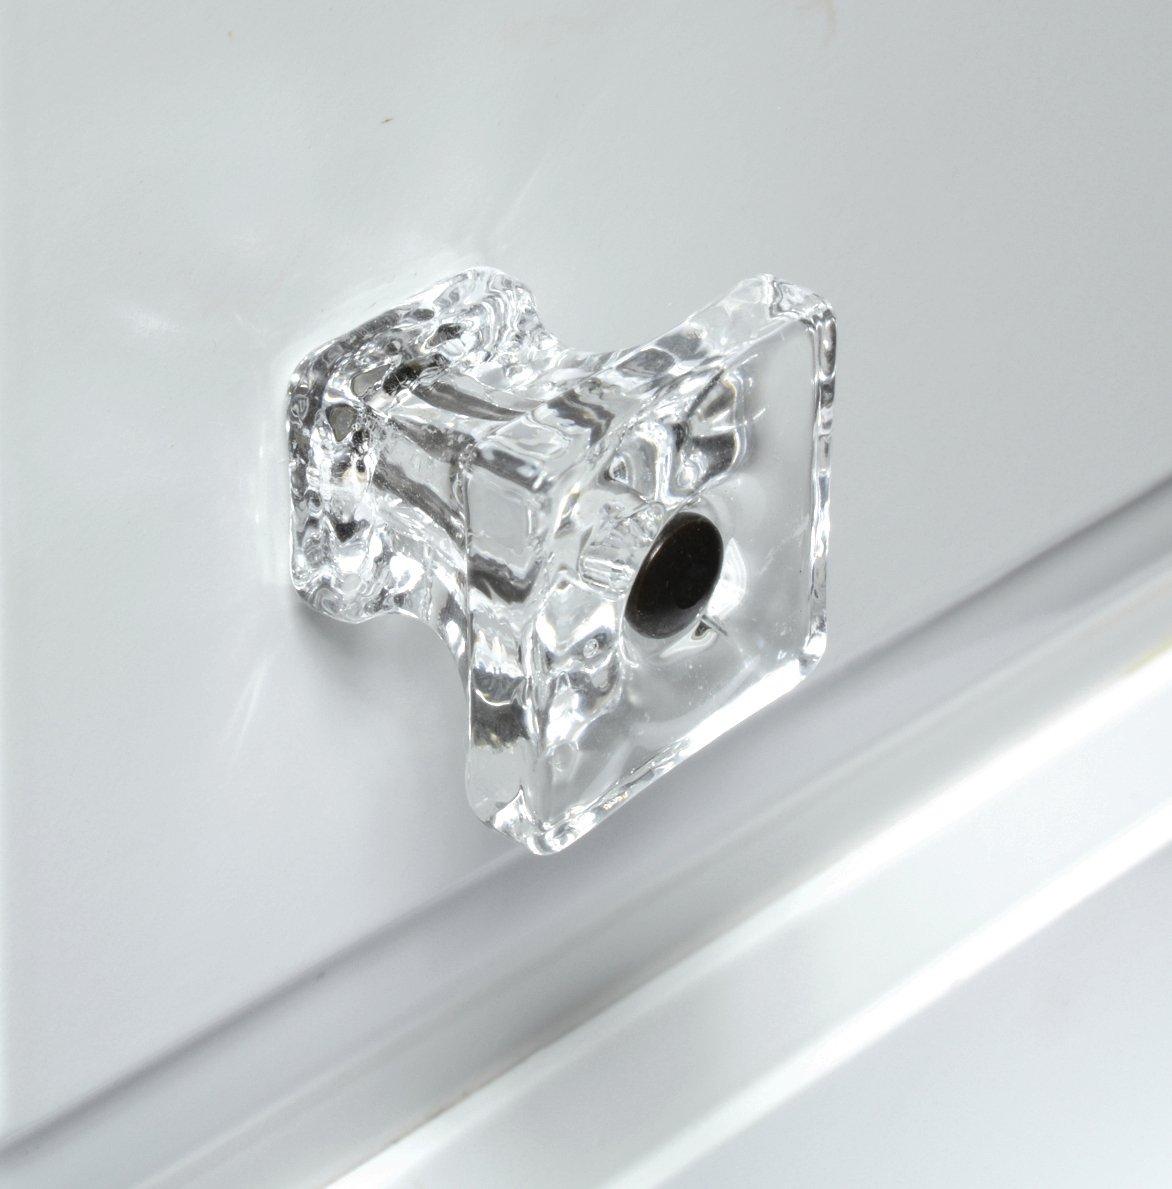 Alpen 683700420100 Solid Carbide Stub DrillsSpeeddrill-Inox Long Ik 4 2mm